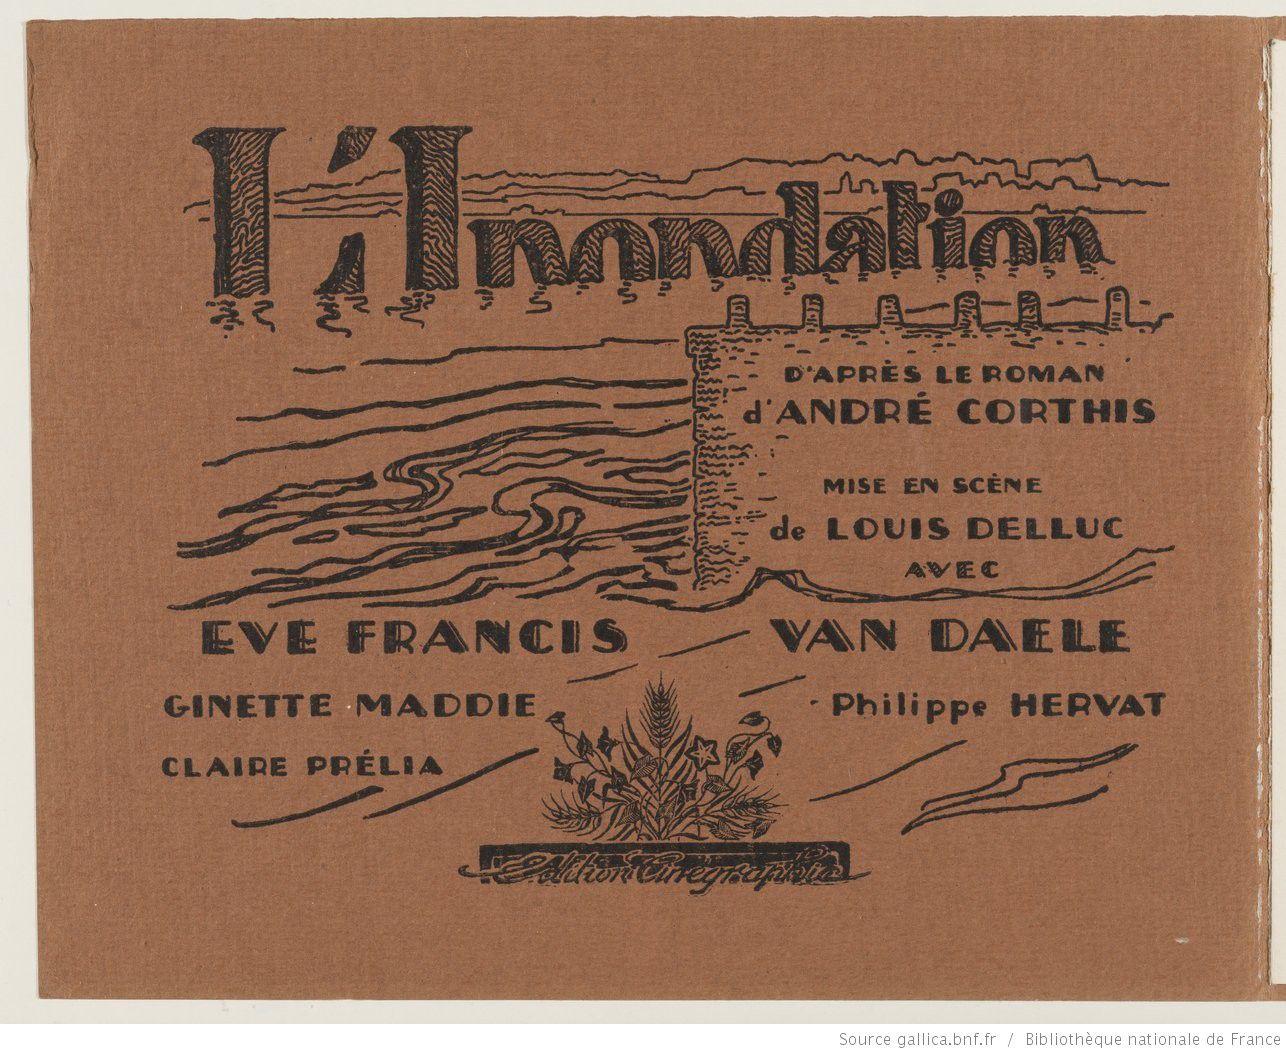 Affiche du film L'inondation (1924) de Louis Delluc